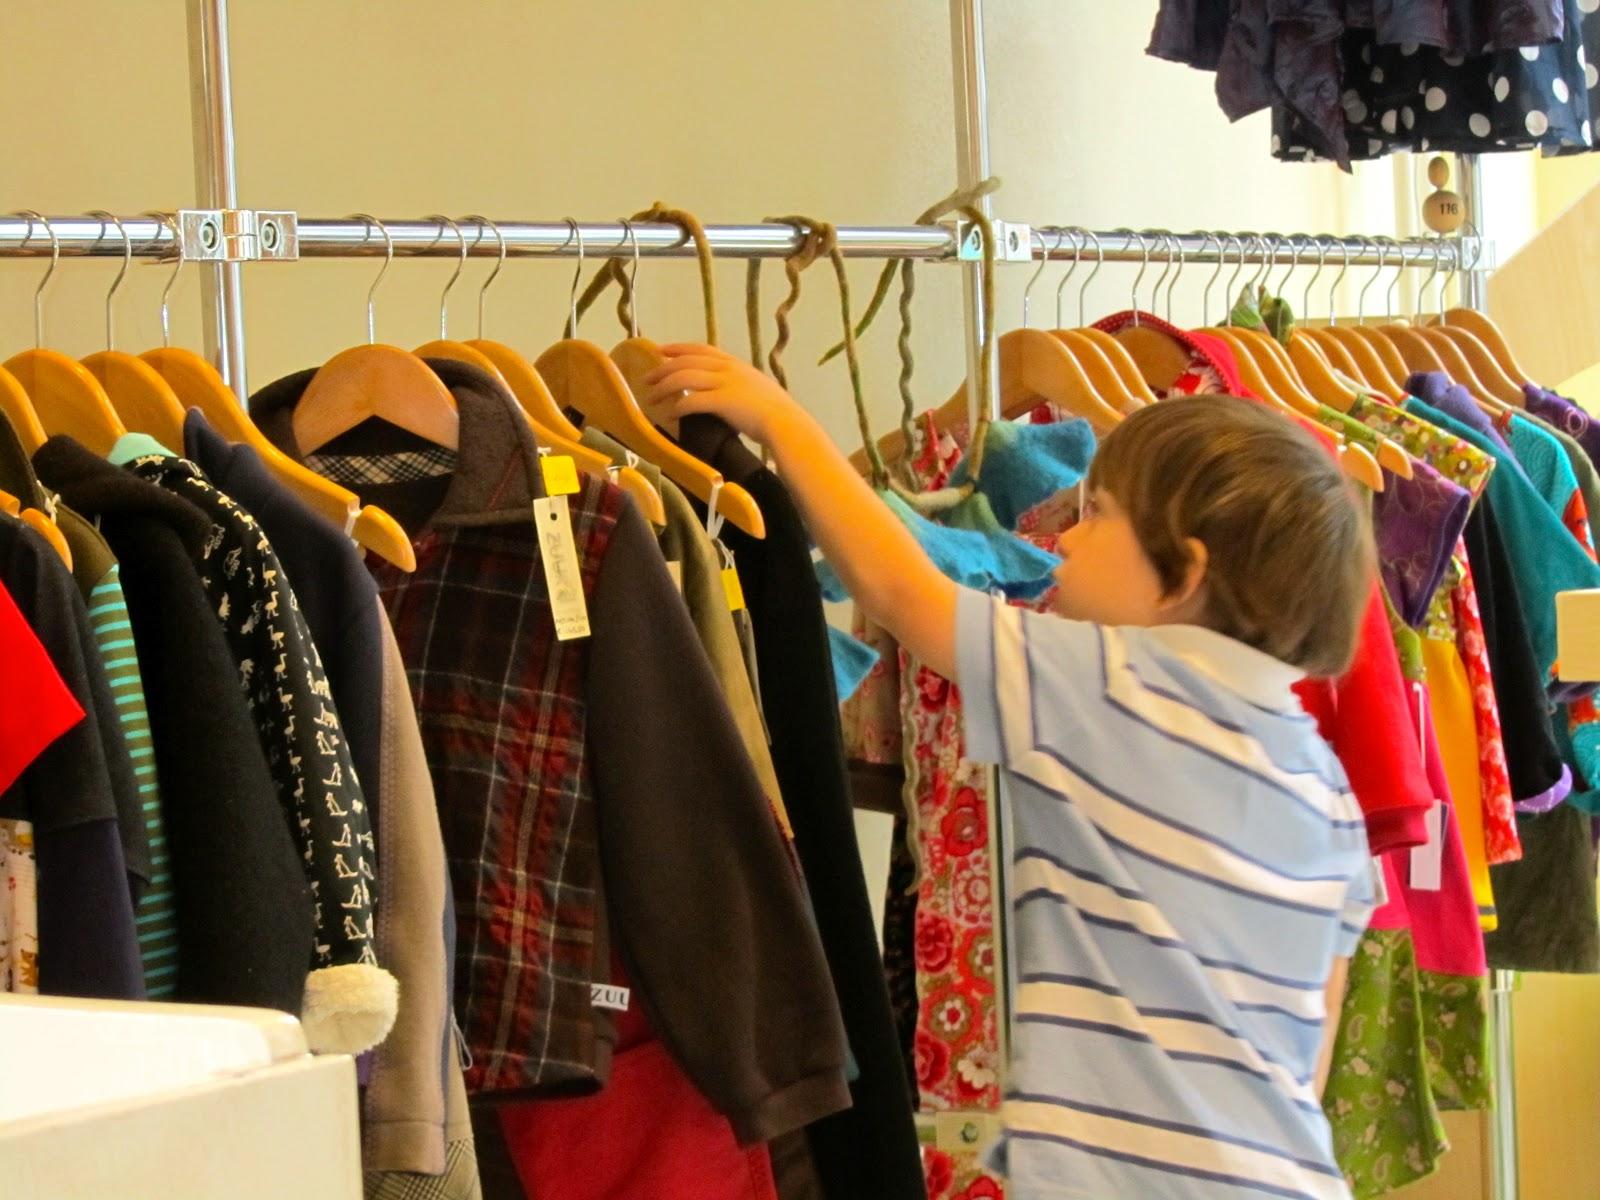 ... for a short visit to Fladder en Beer, a children clothes shop in Leiden.